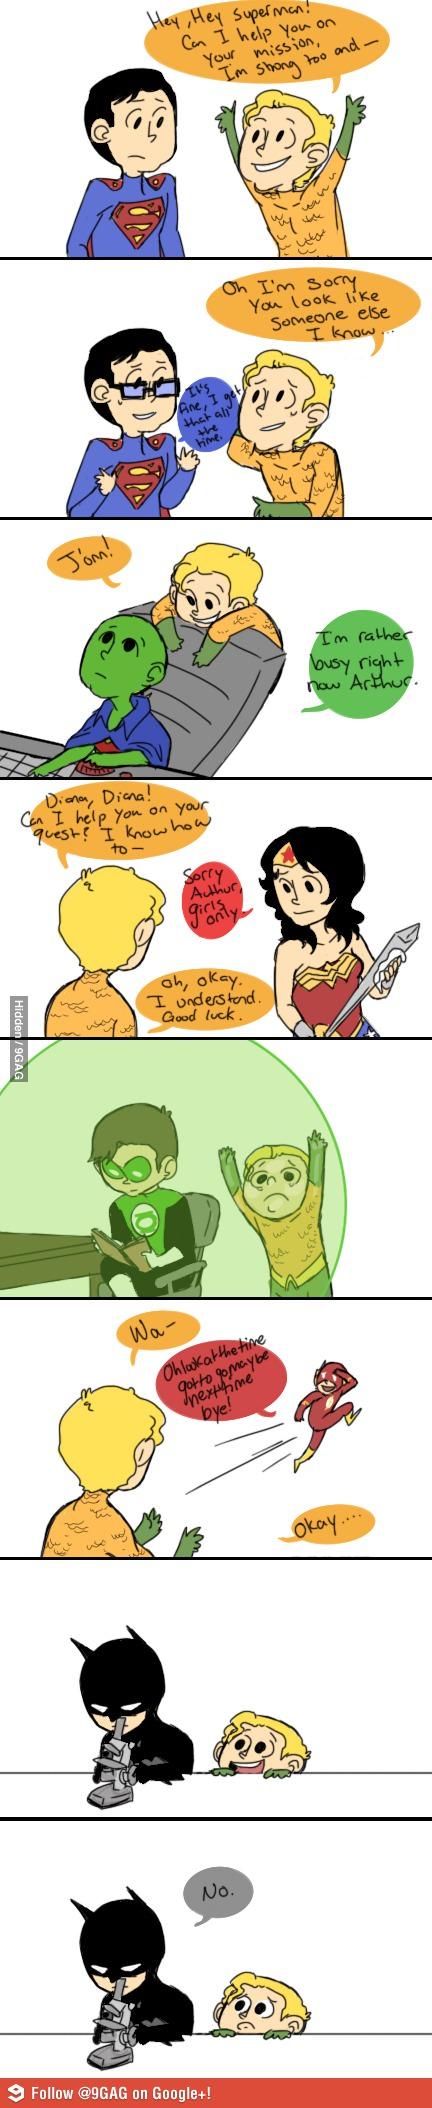 Pobre Aquaman...